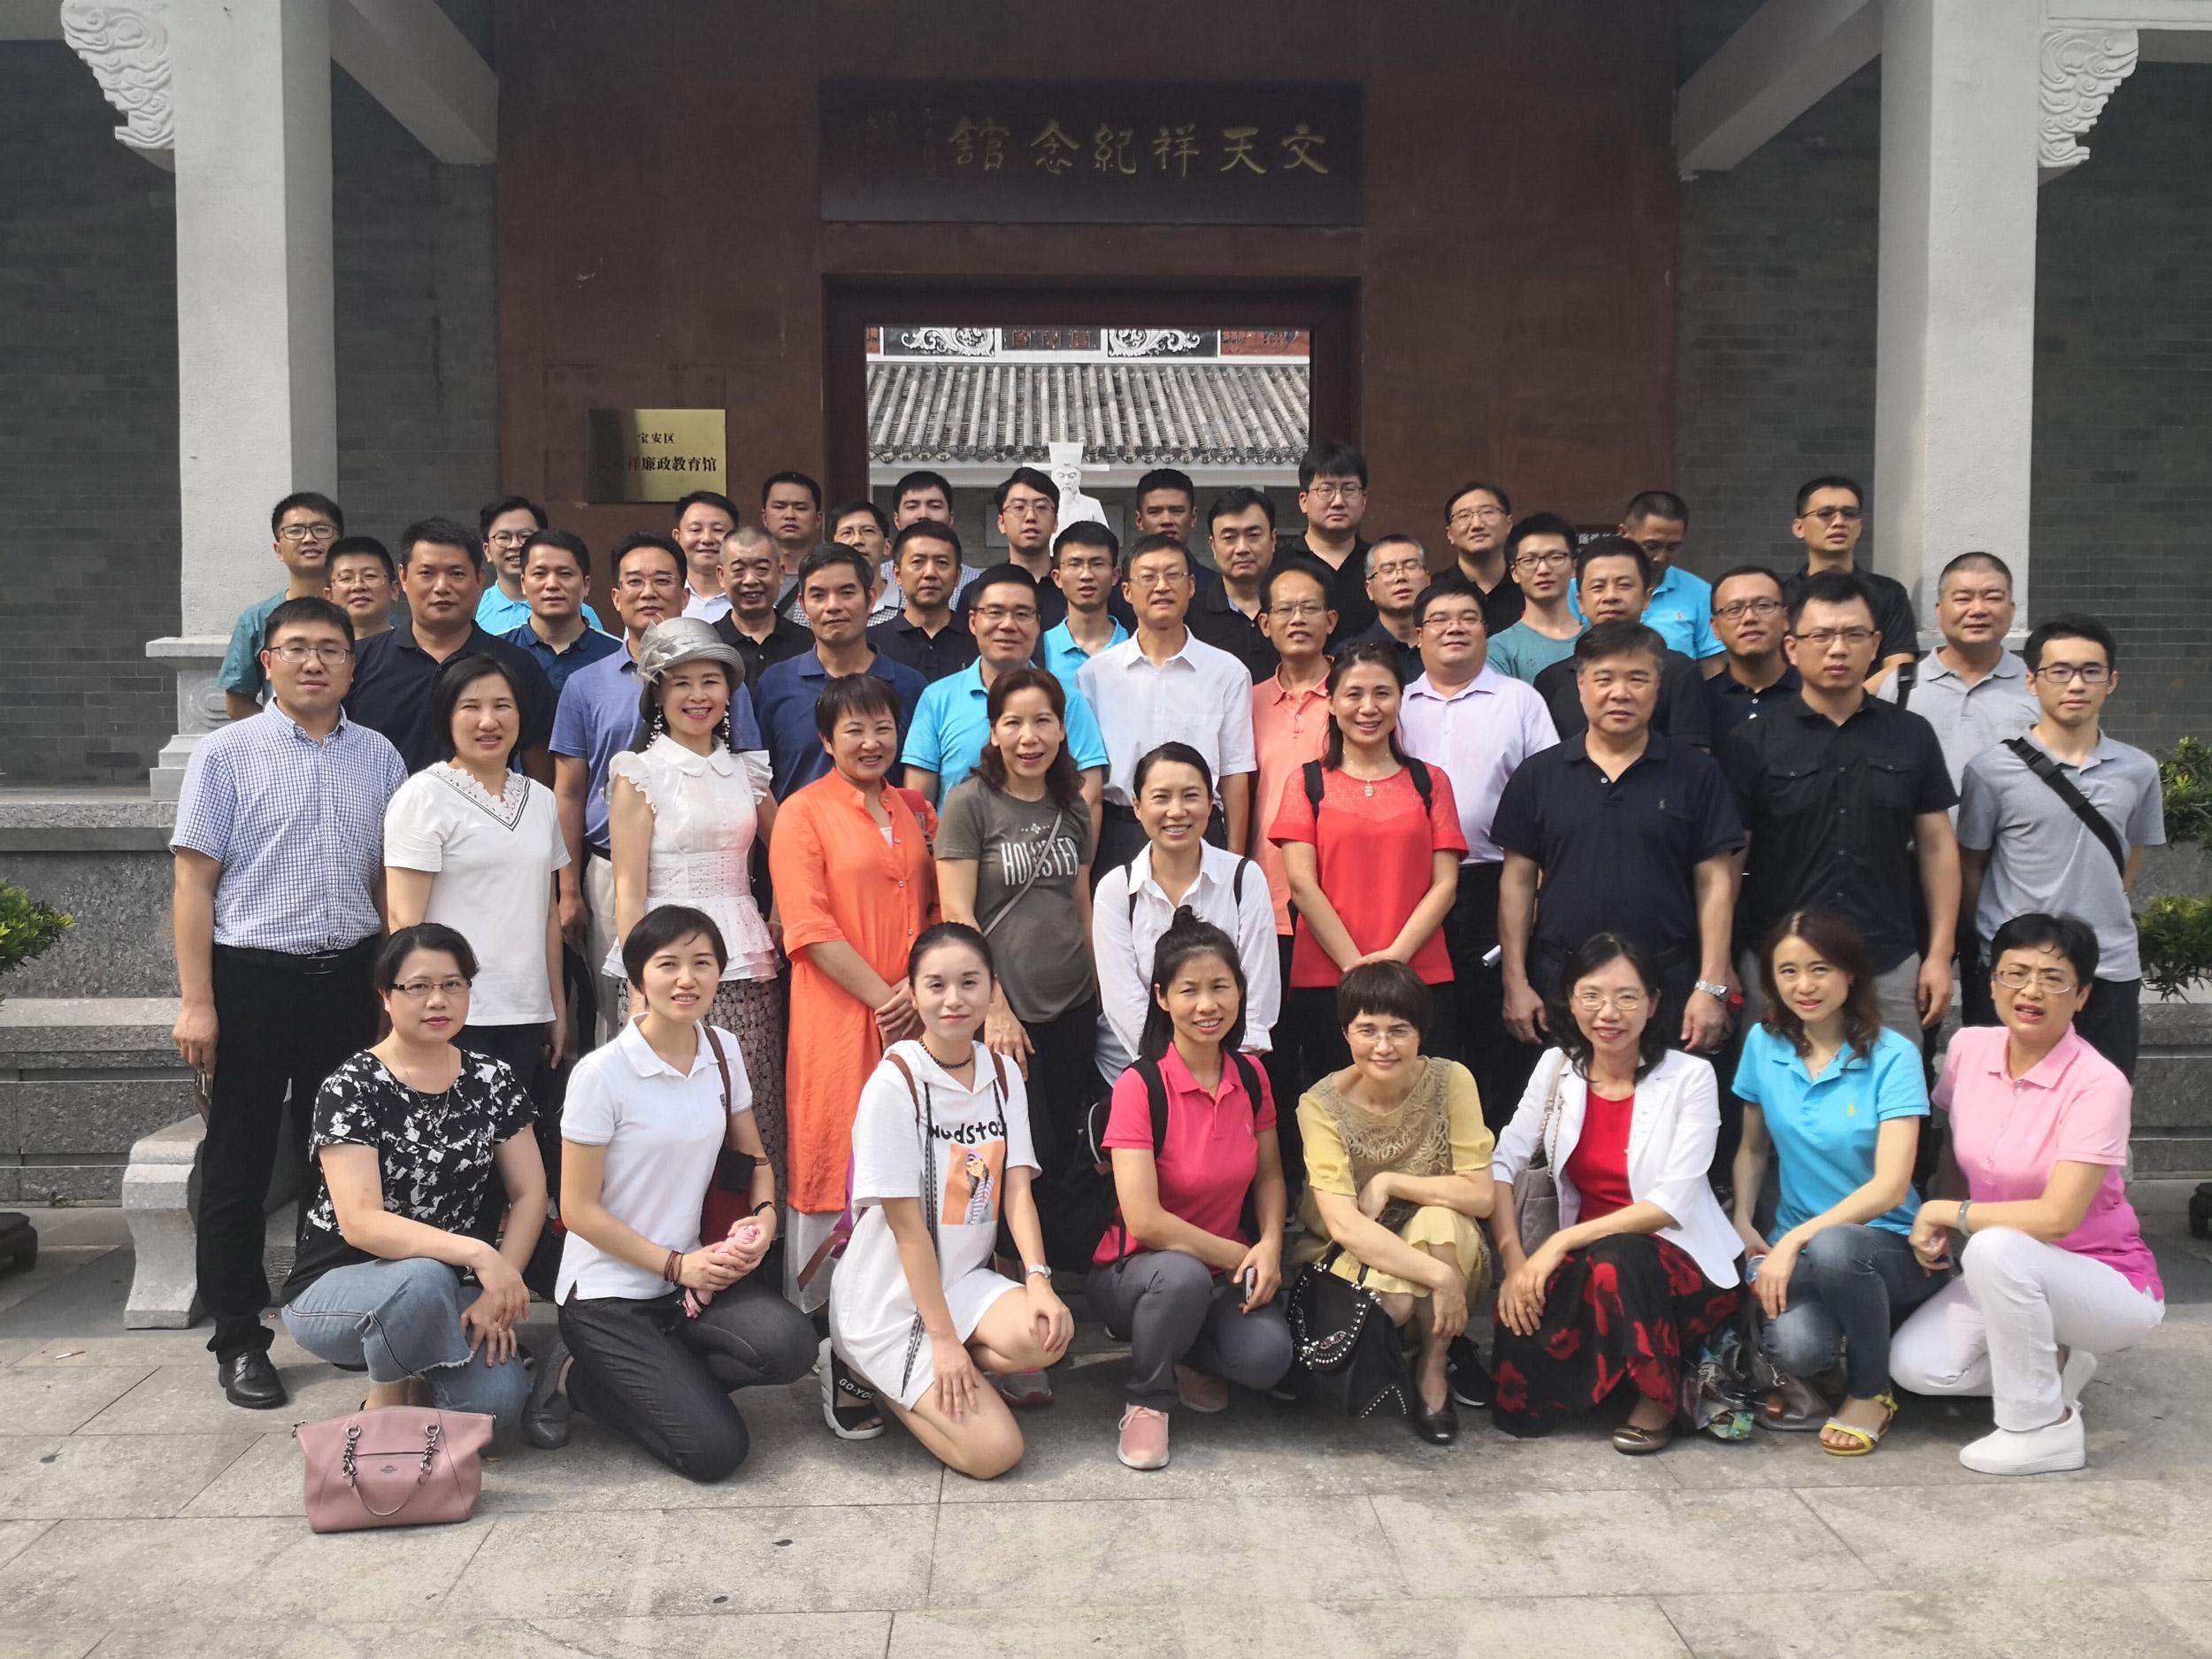 深纺集团党委召开2018年纪律教育学习月活动动员会